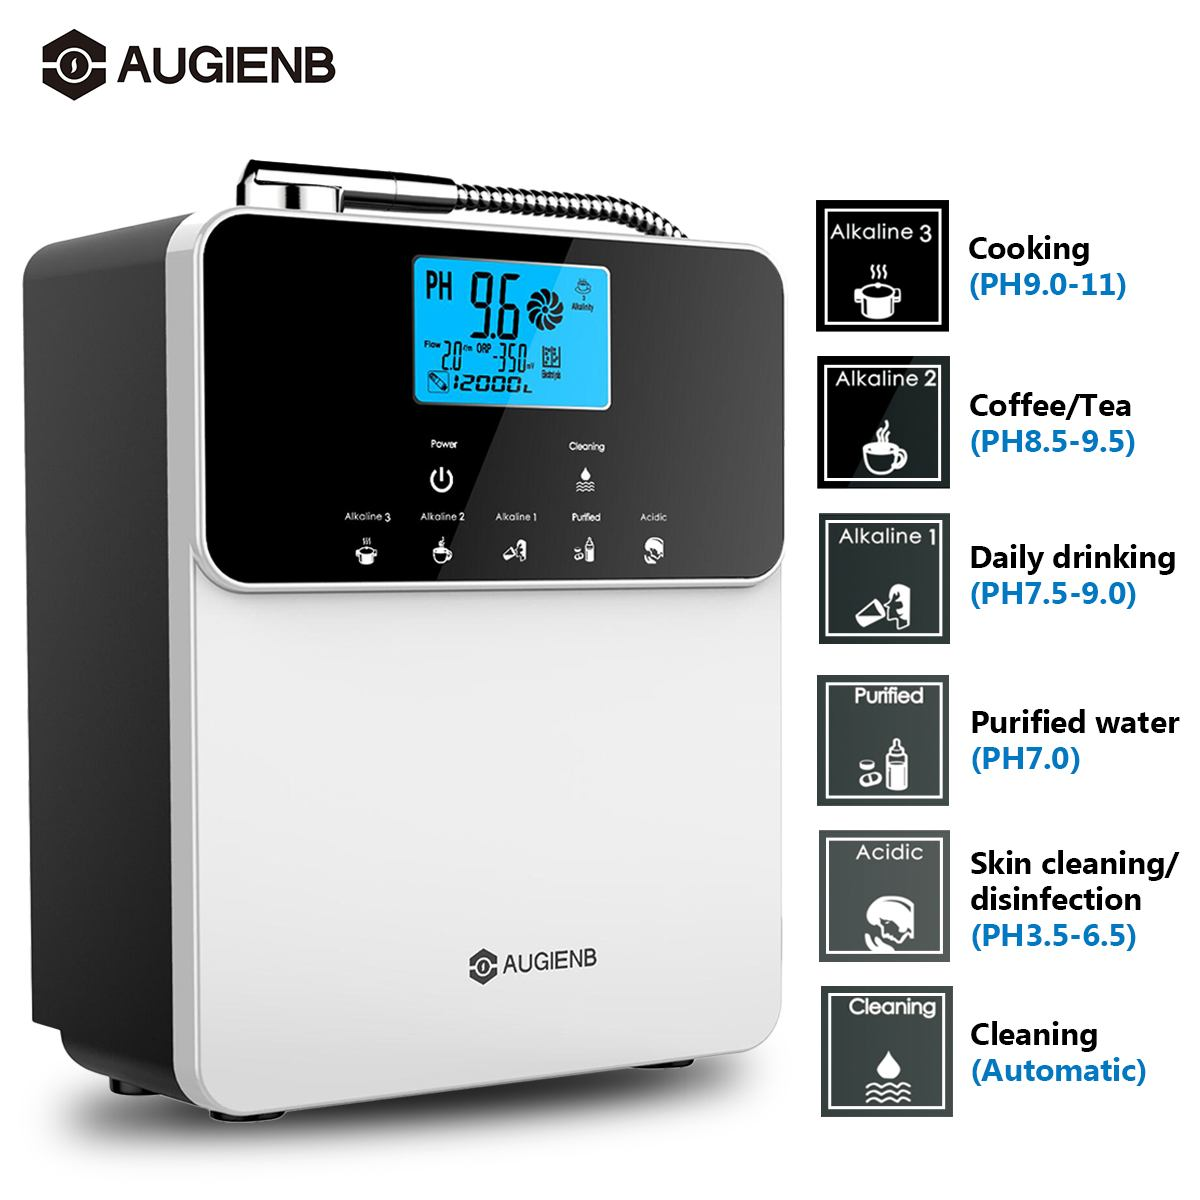 Acqua Macchina Purificatore Ionizzatore PH 3.5-11 Acido Alcalino 5 Impostazioni di Acqua 12000 Litri Auto-Pulizia Acqua LCD di Trattamento filtro